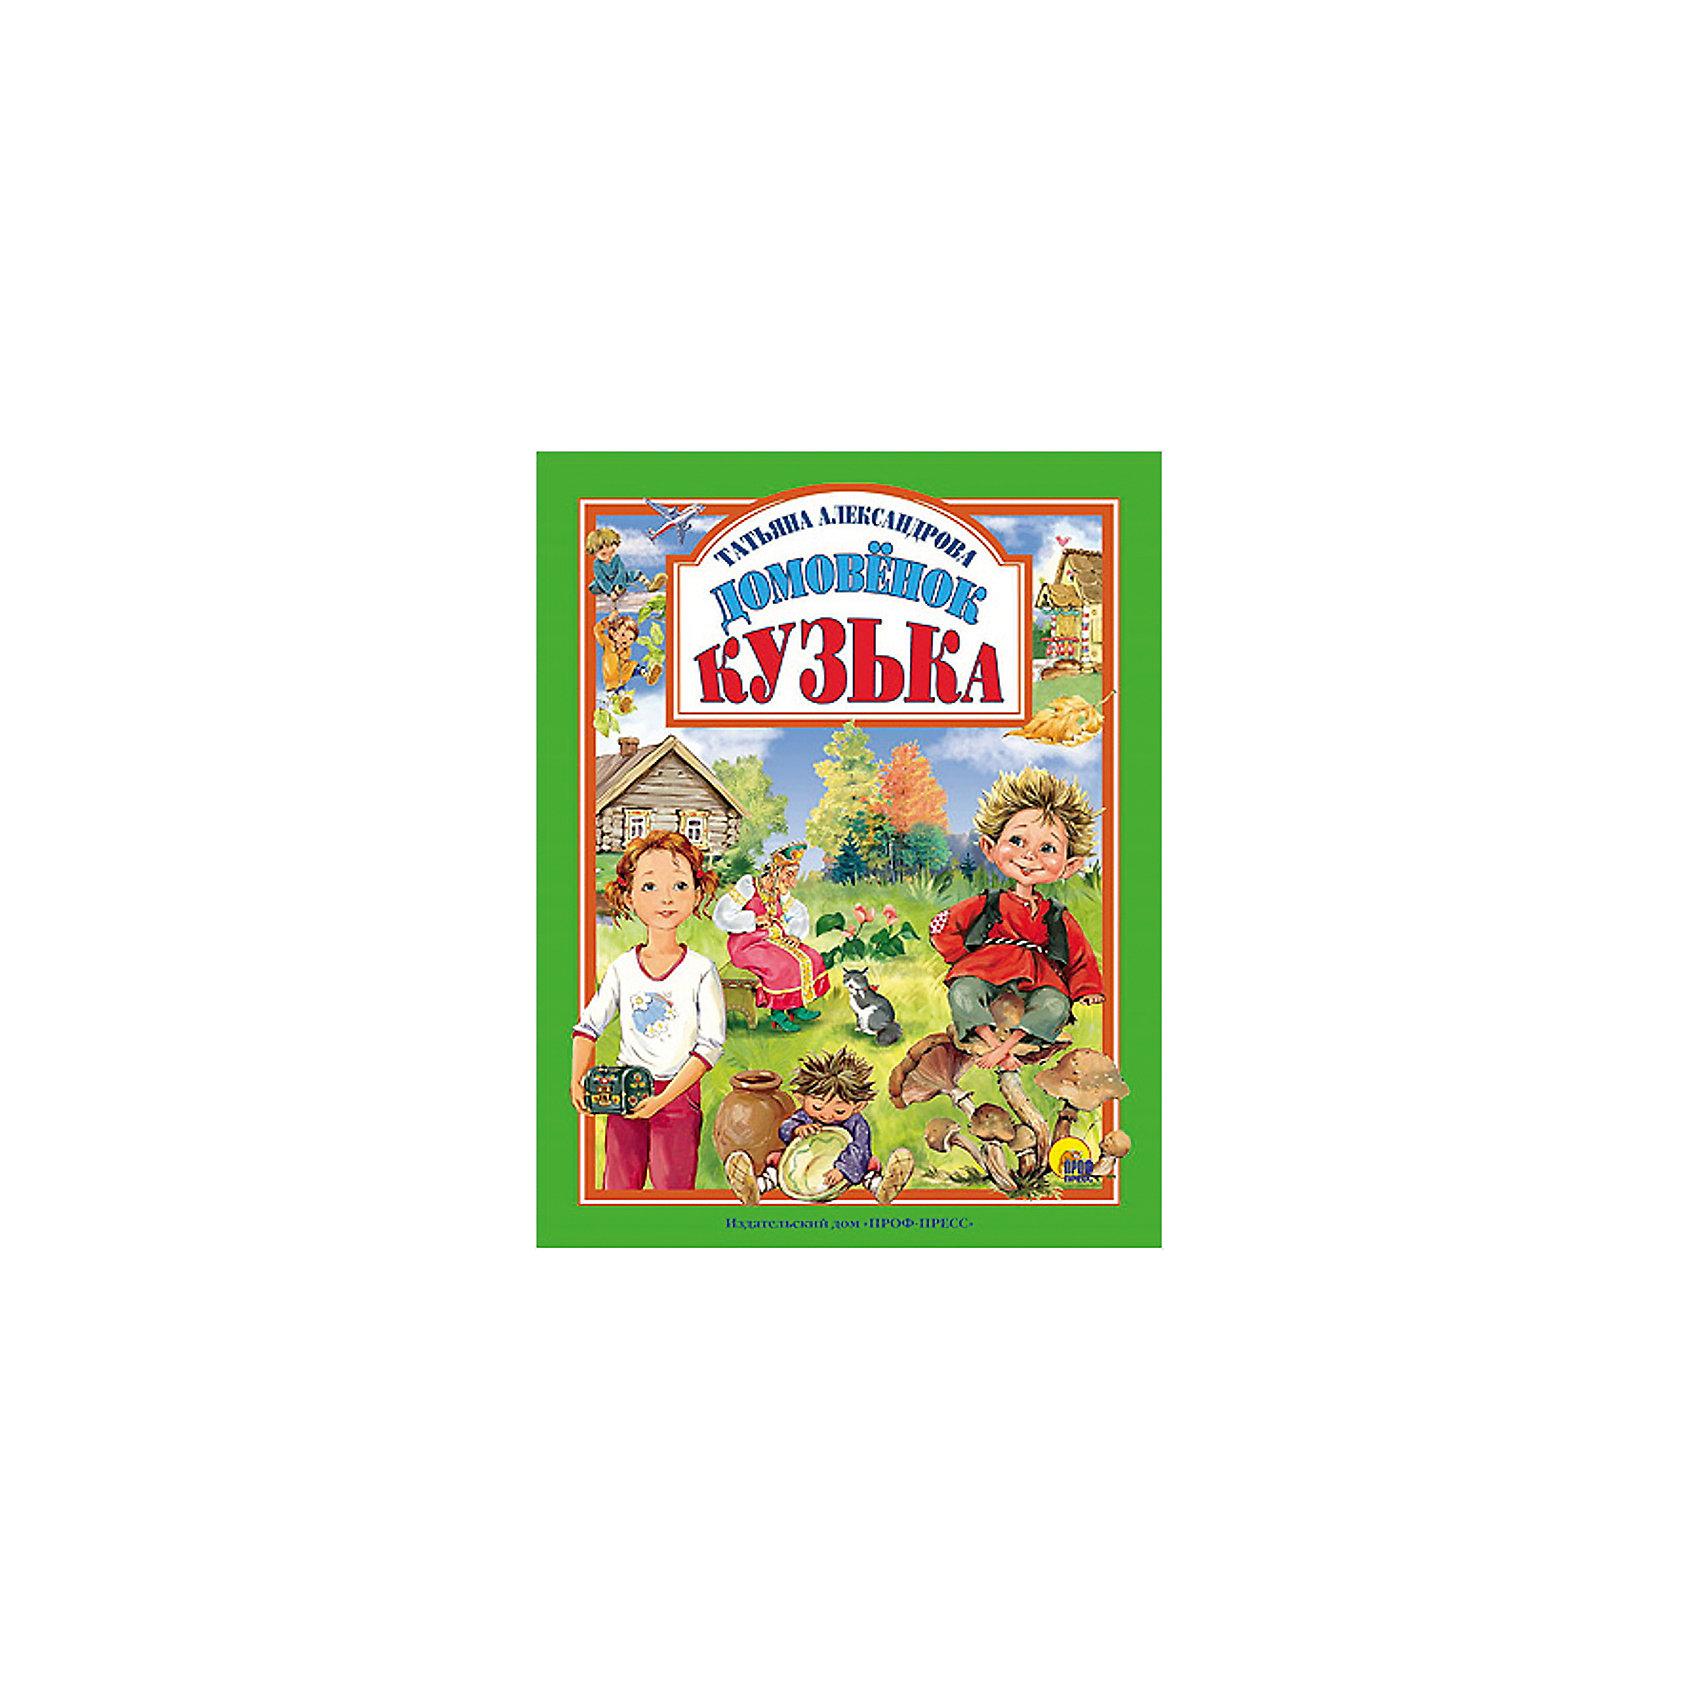 Домовёнок Кузька, Т. АлександроваРусские сказки<br>Сказку про Домовенка Кузю невозможно не любить. Это добрая и смешная история. Книги - это лучший подарок не только взрослым, они помогают детям познавать мир и учиться читать, также книги позволяют ребенку весело проводить время. Они также стимулируют развитие воображения, логики и творческого мышления.<br>Это издание очень красиво оформлено. Яркие картинки обязательно понравятся малышам! Книга сделана из качественных и безопасных для детей материалов.<br>  <br>Дополнительная информация:<br><br>размер: 200x265 мм;<br>вес: 441 г.<br><br>Книгу  Домовёнок Кузька, Т. Александрова от издательства Проф-Пресс можно купить в нашем магазине.<br><br>Ширина мм: 200<br>Глубина мм: 13<br>Высота мм: 265<br>Вес г: 441<br>Возраст от месяцев: 0<br>Возраст до месяцев: 96<br>Пол: Унисекс<br>Возраст: Детский<br>SKU: 4787320